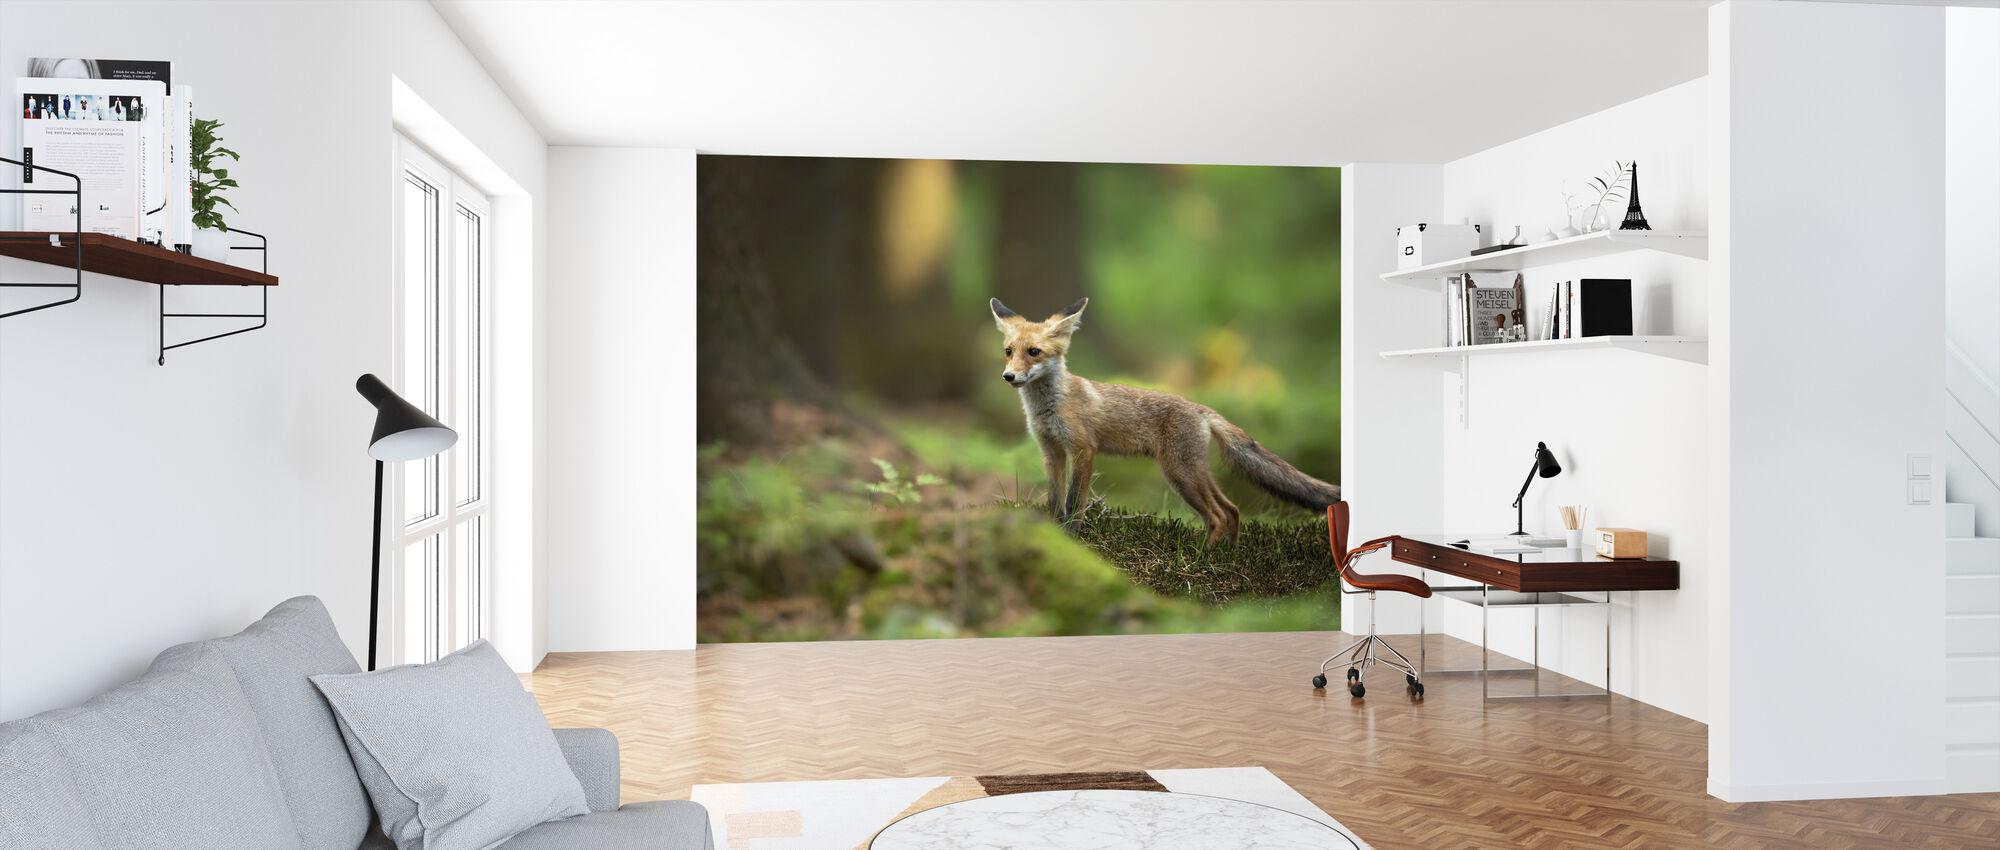 Rødt Fox - Tapet - Kontor